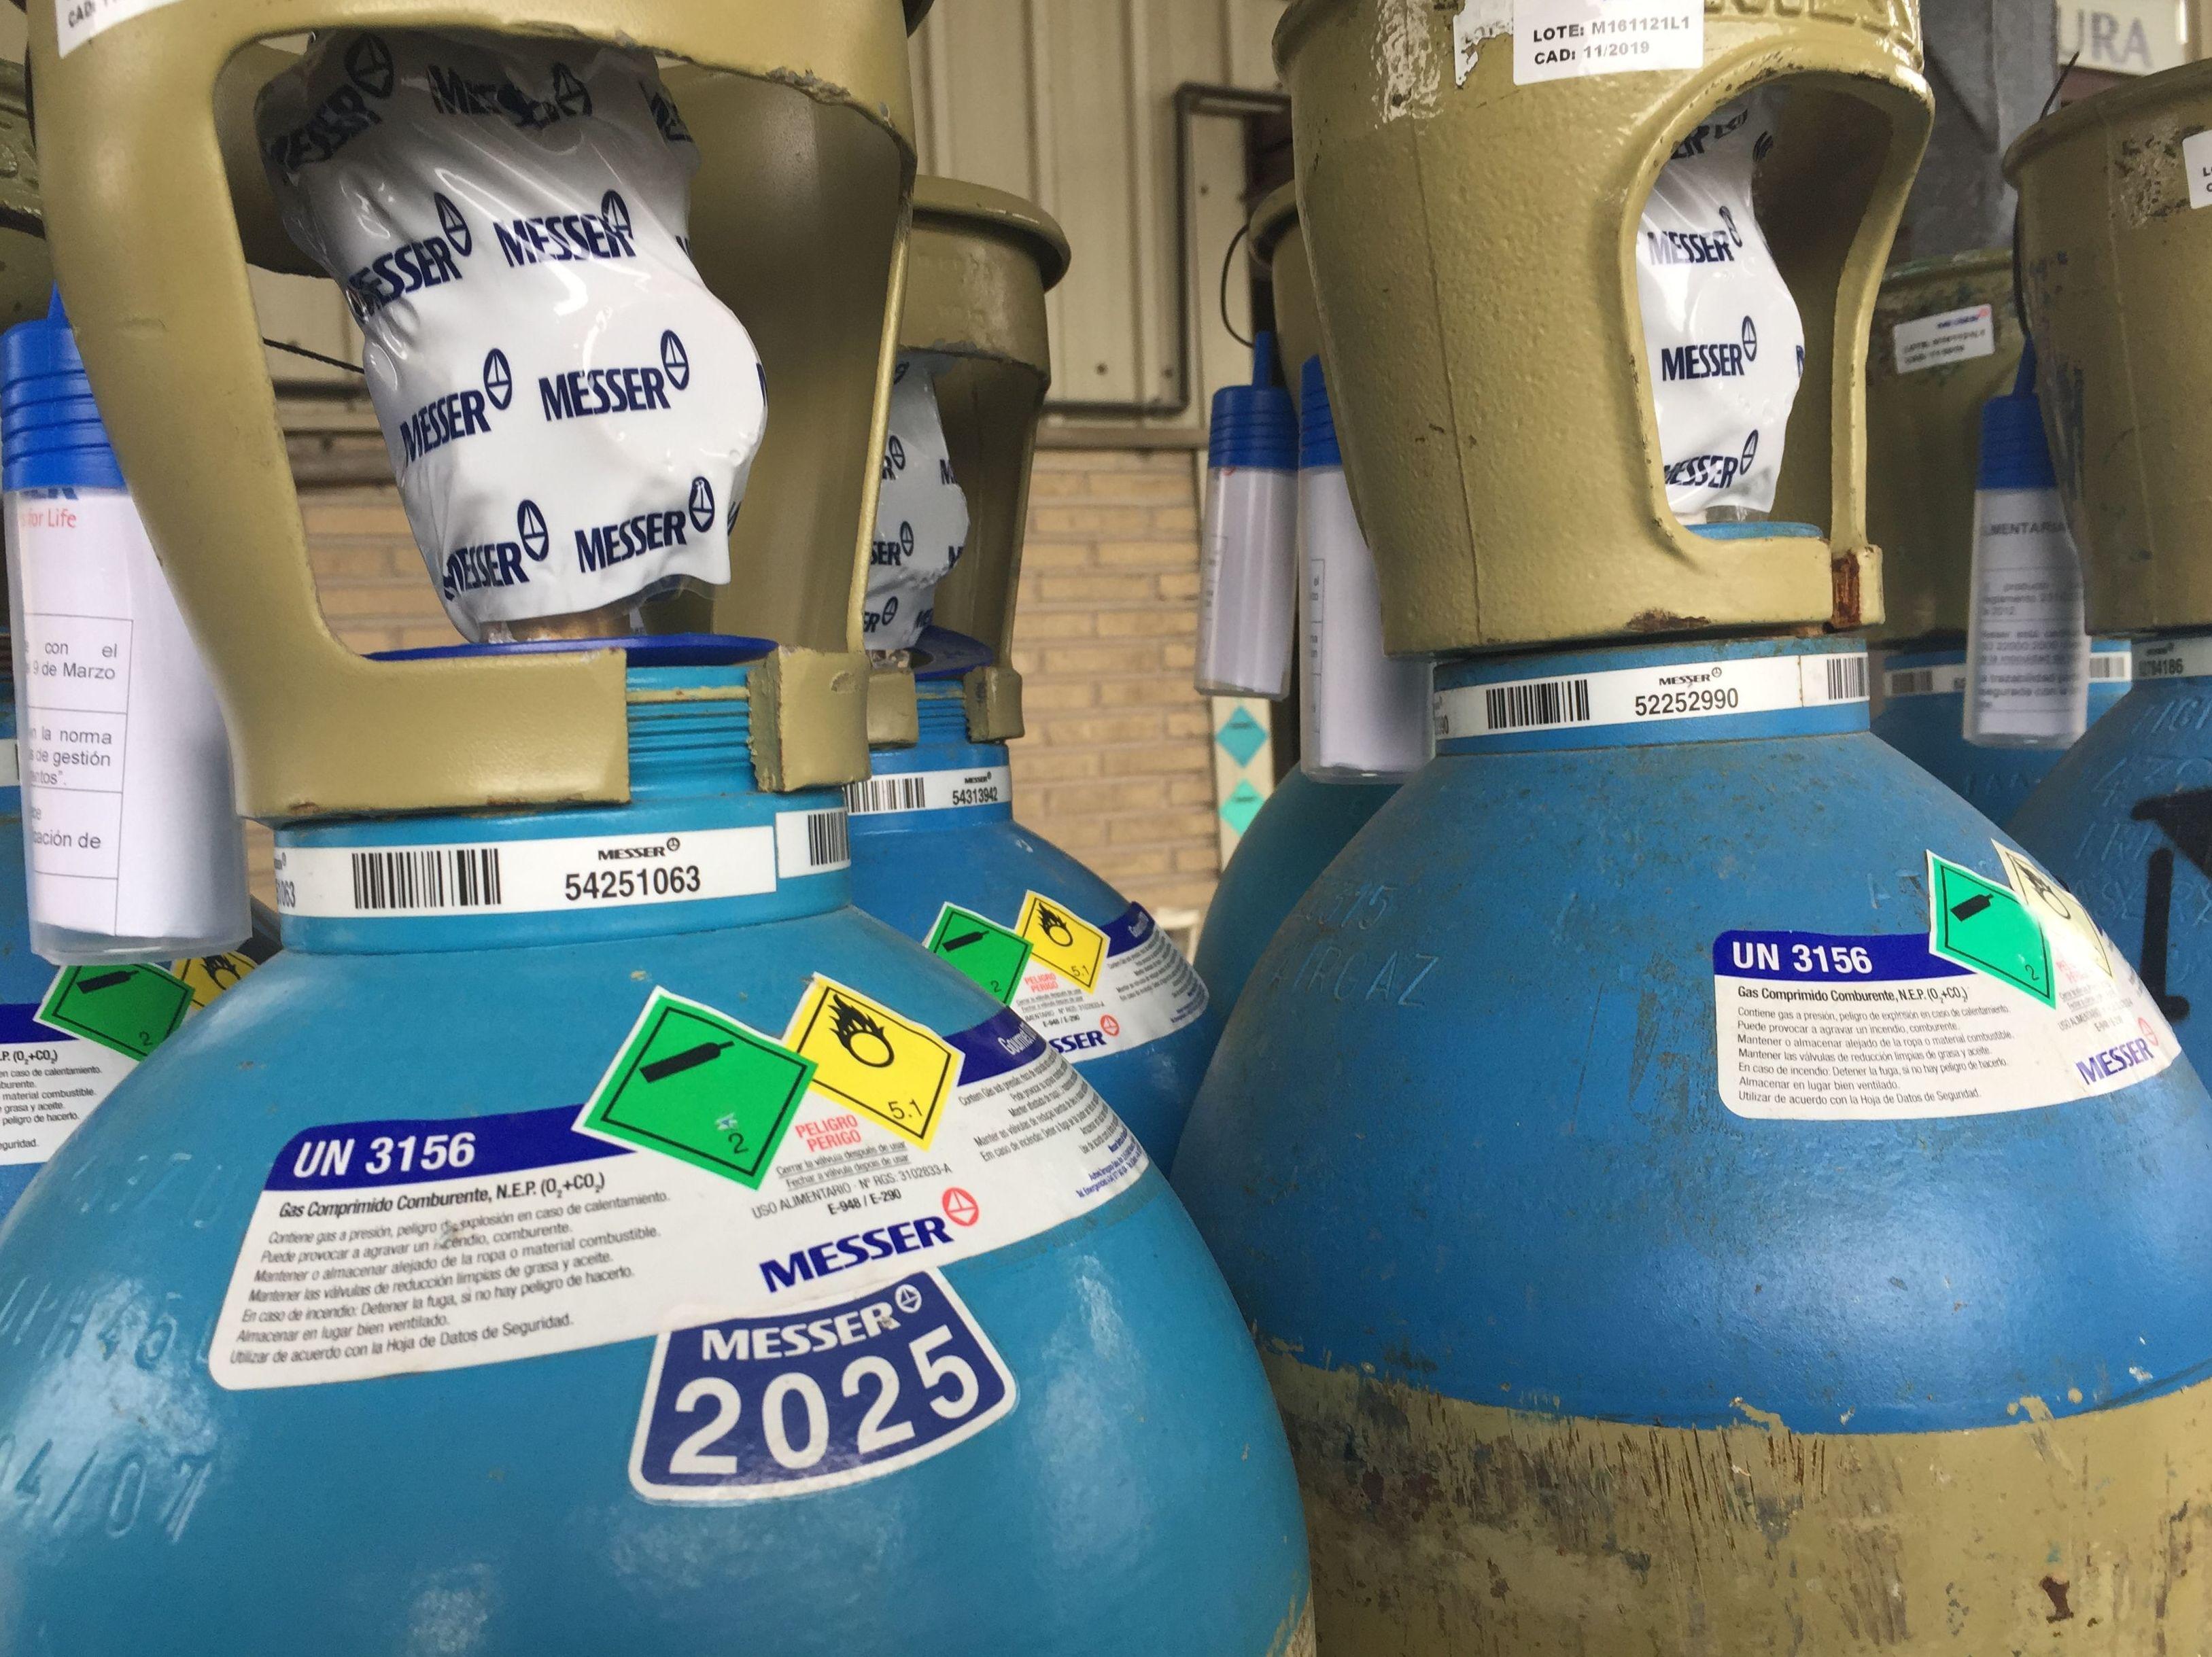 Foto 19 de Venta y distribución de gases industriales y alimentarios en San Ginés | Disgasin, S.L.